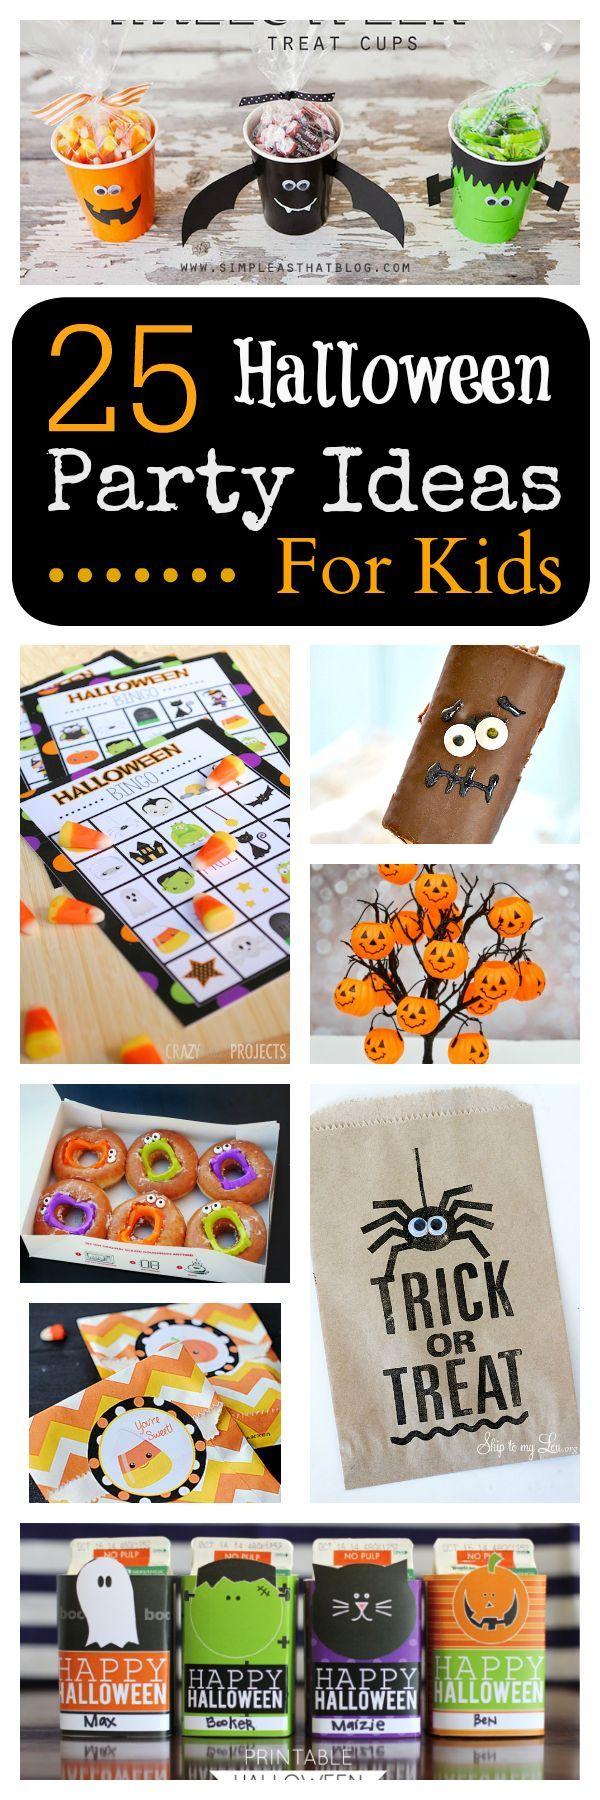 Best 25+ Ideas for halloween party ideas on Pinterest | Halloween ...